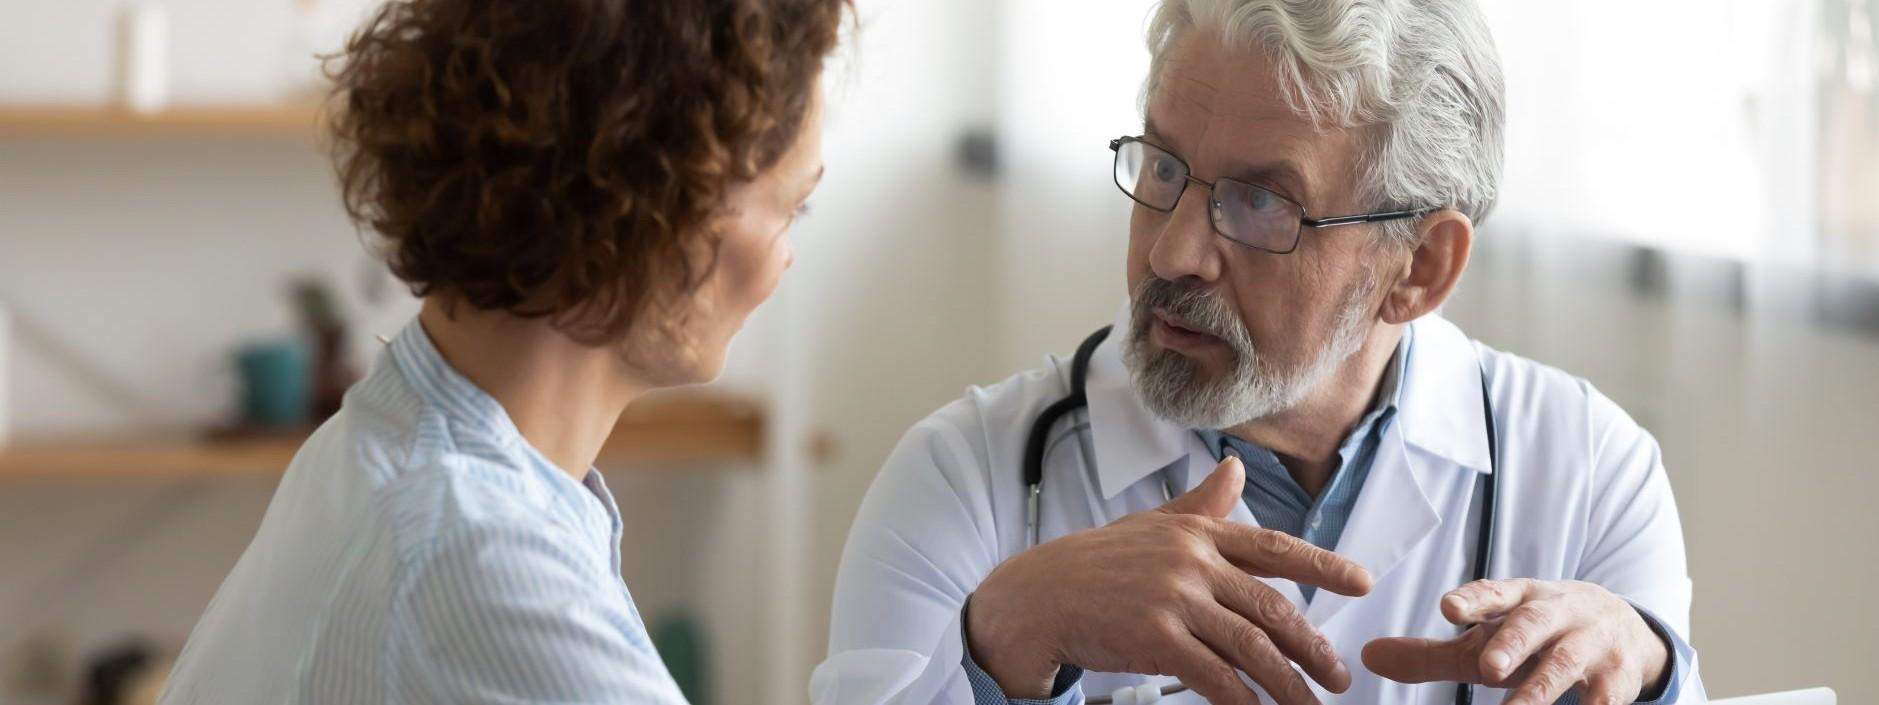 Eine etwa 45 jährige Frau sitzt bei einem Arzt im Behandlungszimmer. Der Arzt berät sie. Vor ihnen steht auf dem Tisch ein Laptop.